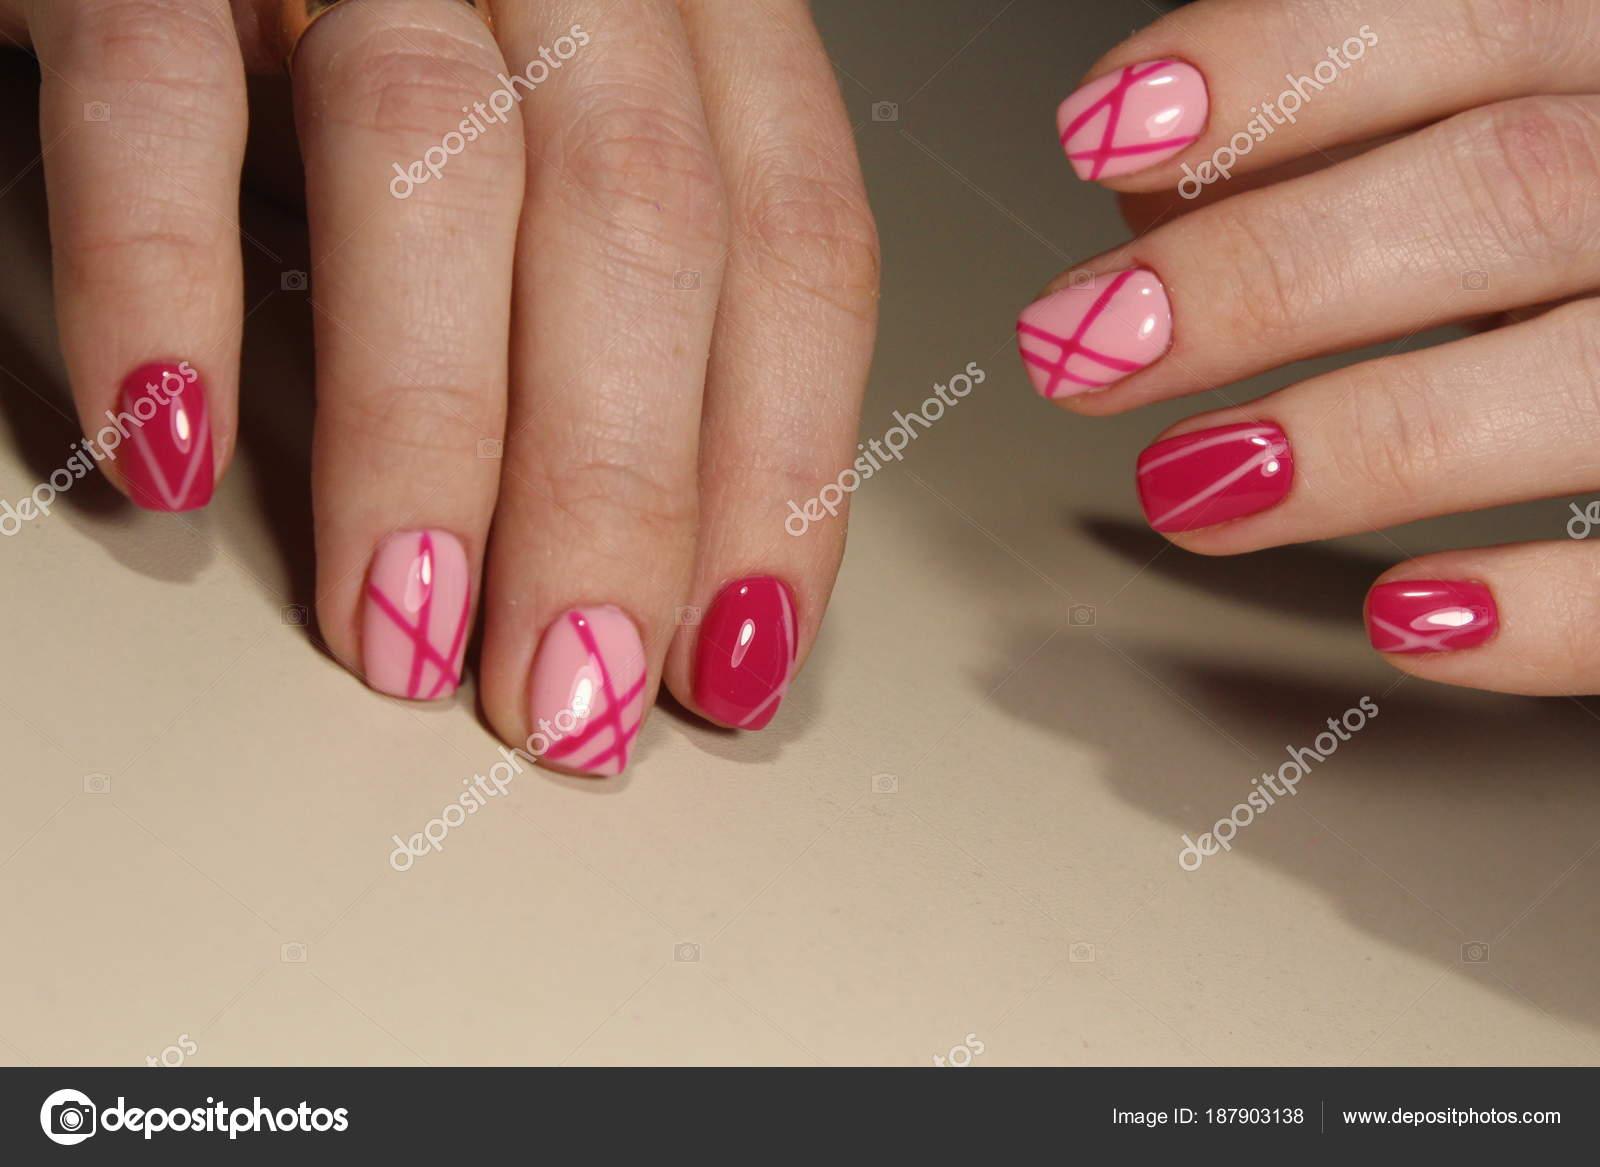 Manicura De Uñas Rosa Foto De Stock Smirmaxstock 187903138